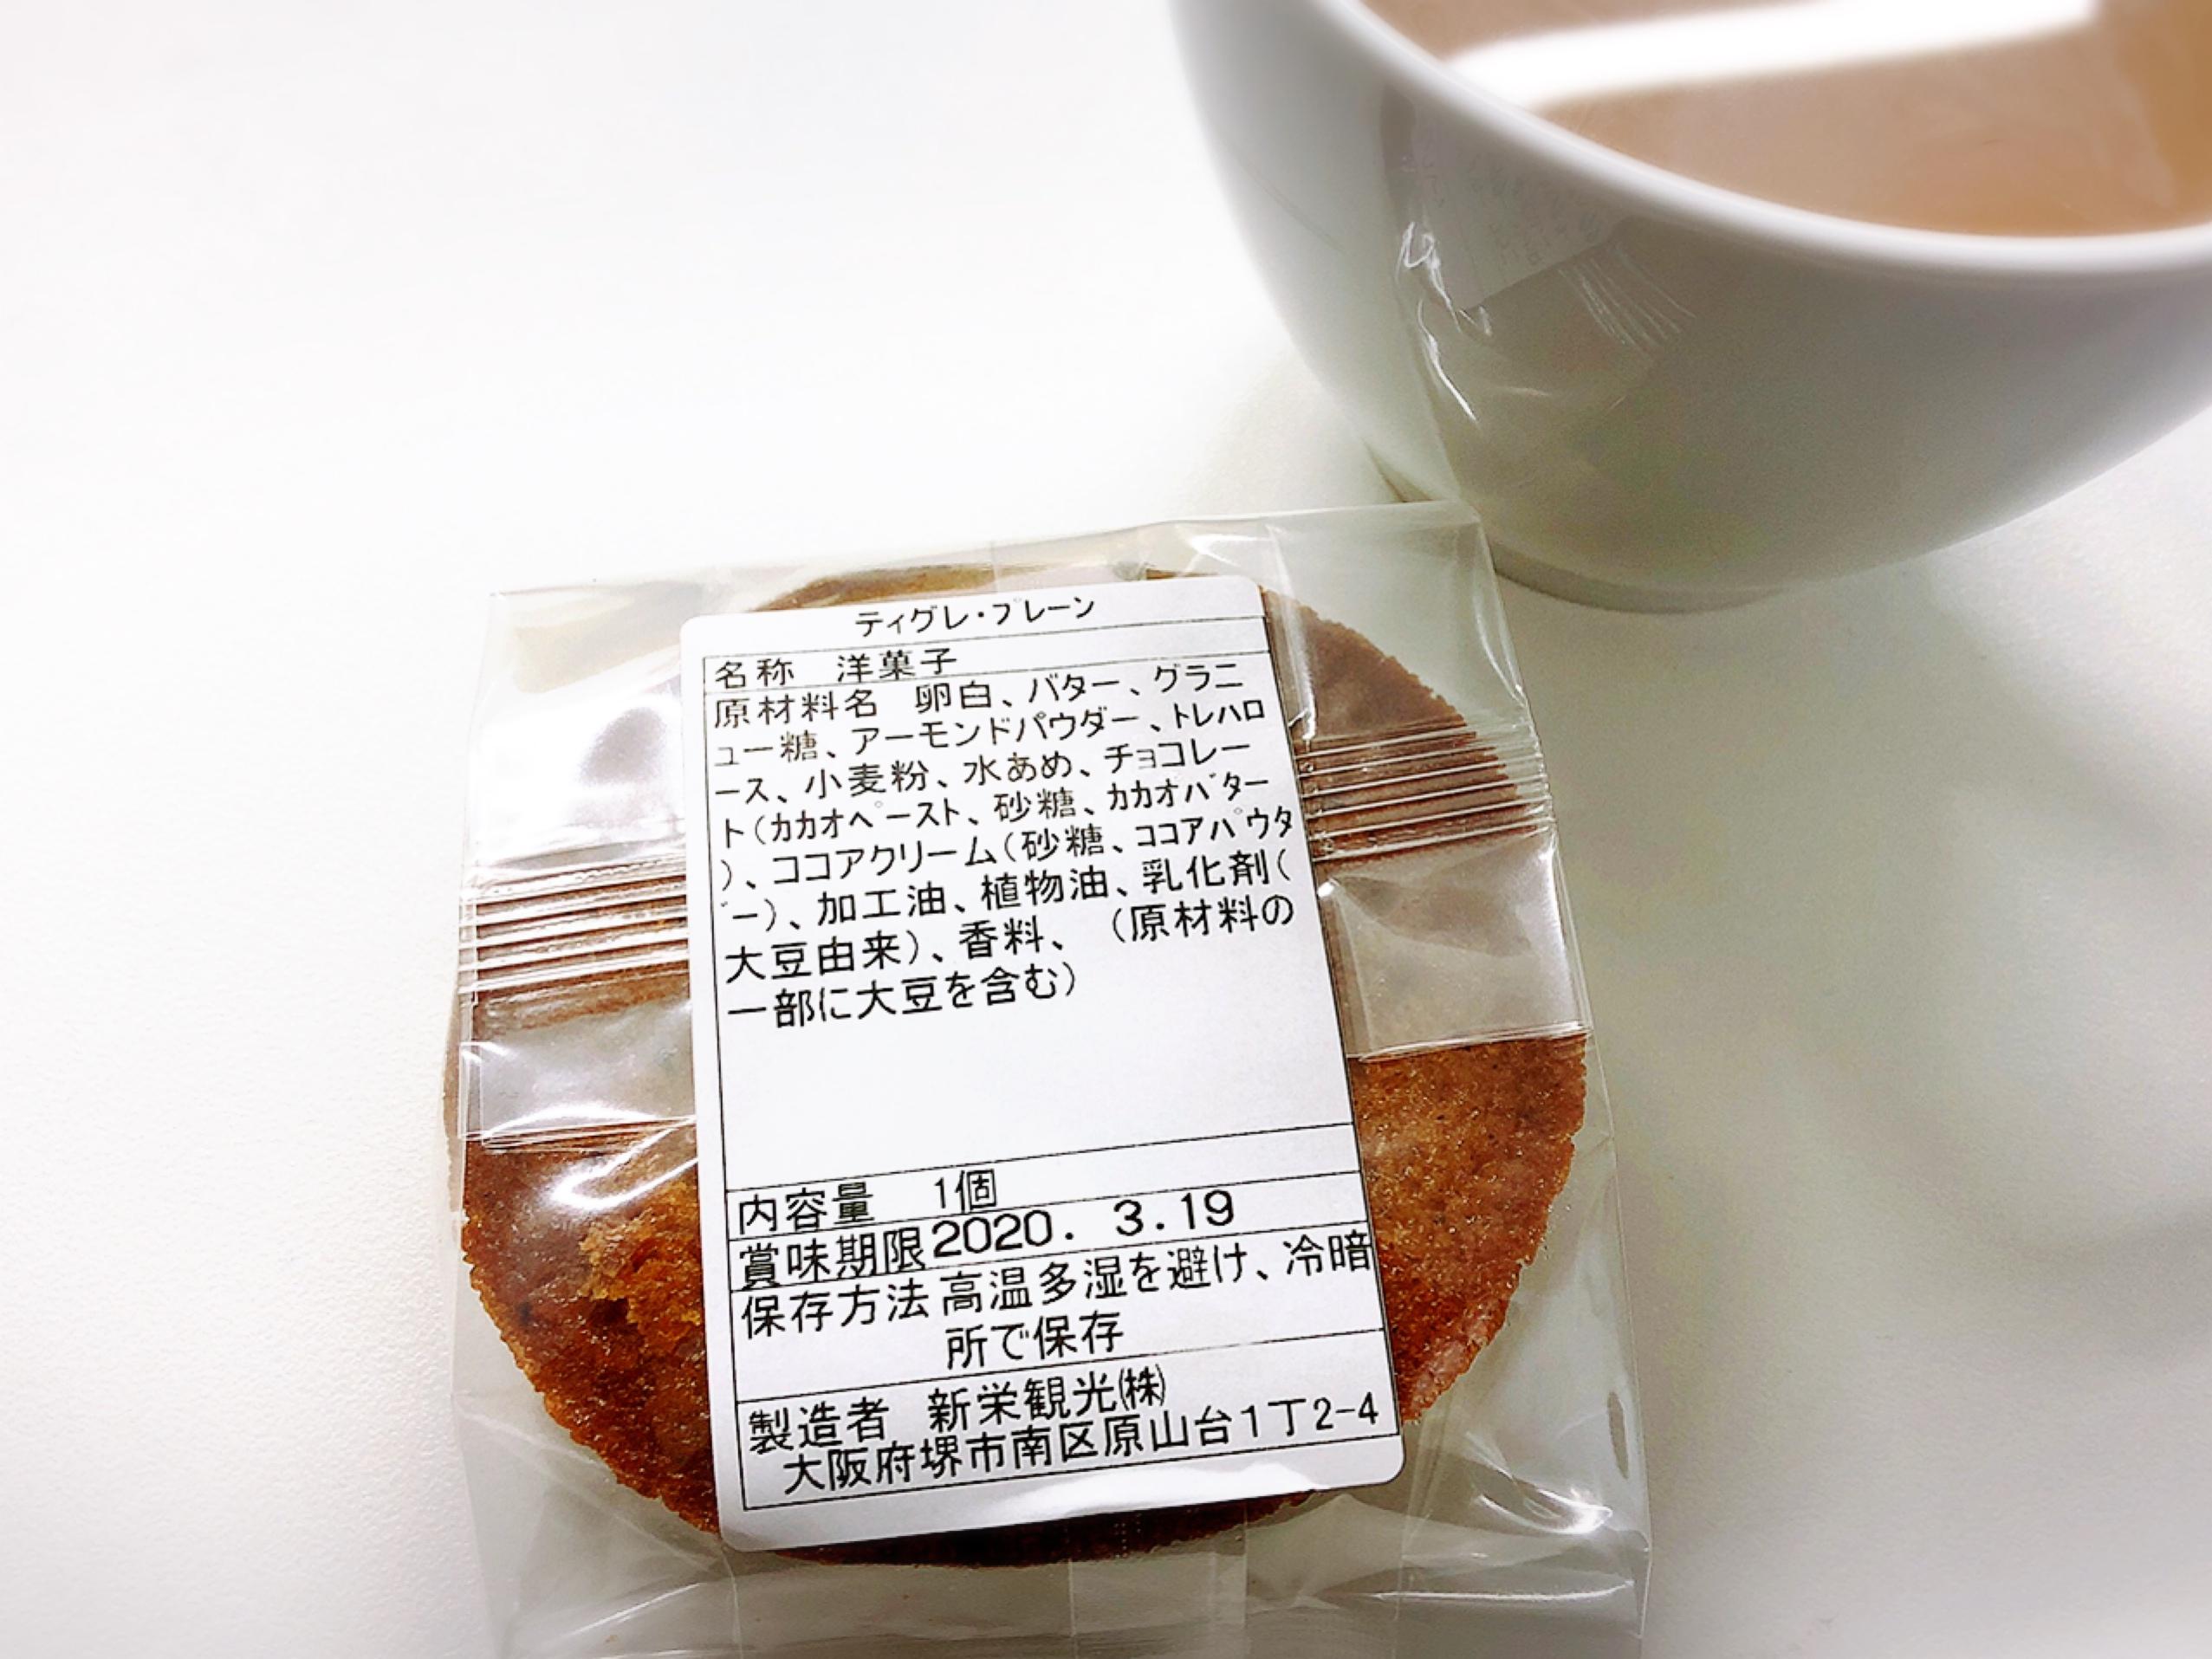 【#神戸土産】ミシュラン1つ星レストランプロデュースの焼き菓子《ティグレ》が美味しすぎて感動…!行ったら自分用にもGETしたい逸品をご紹介˚✧_3